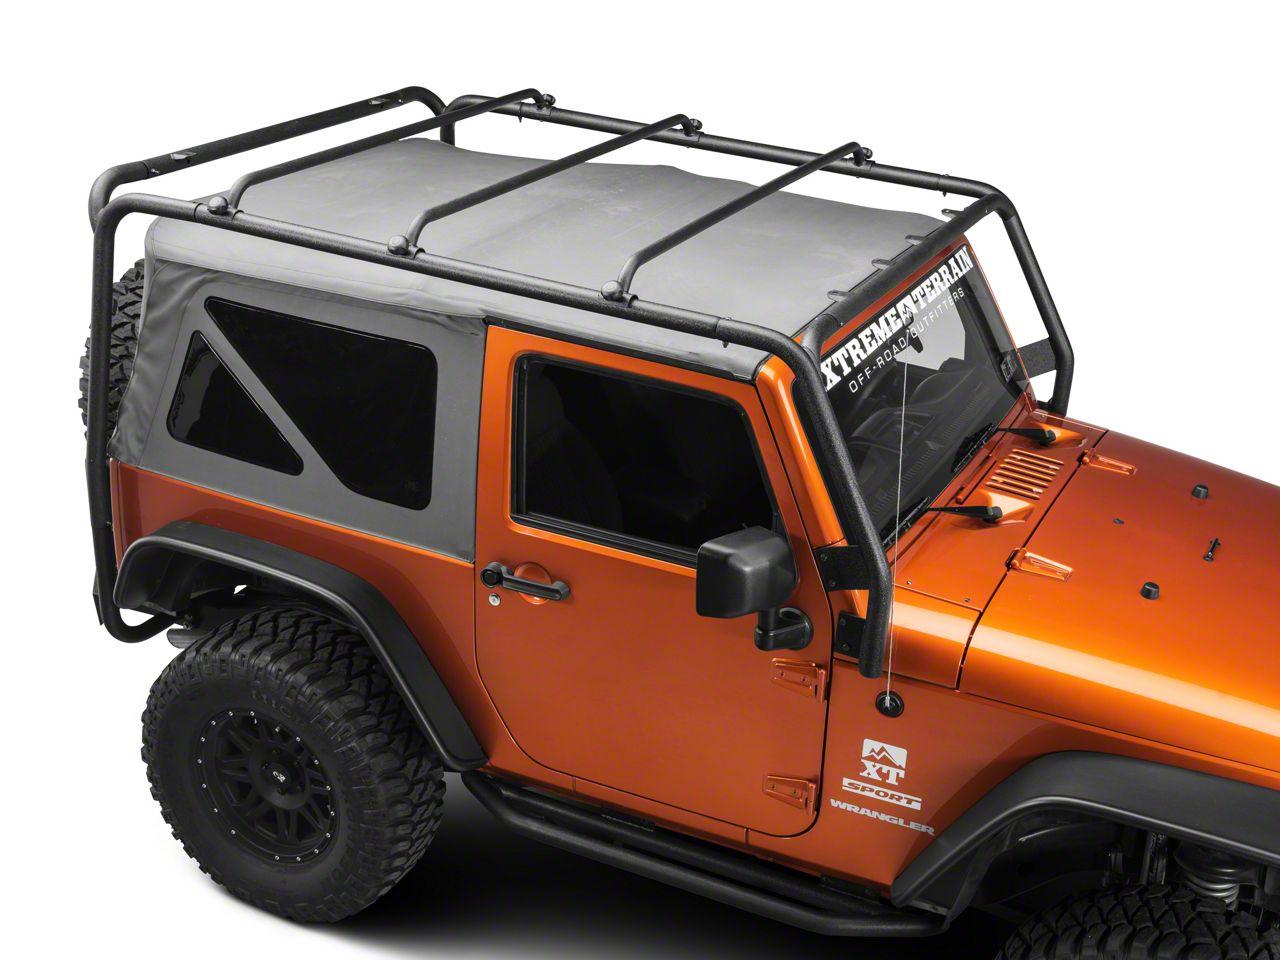 Barricade Jeep Wrangler Roof Rack Textured Black J100174 07 18 Jeep Wrangler Jk 2 Door